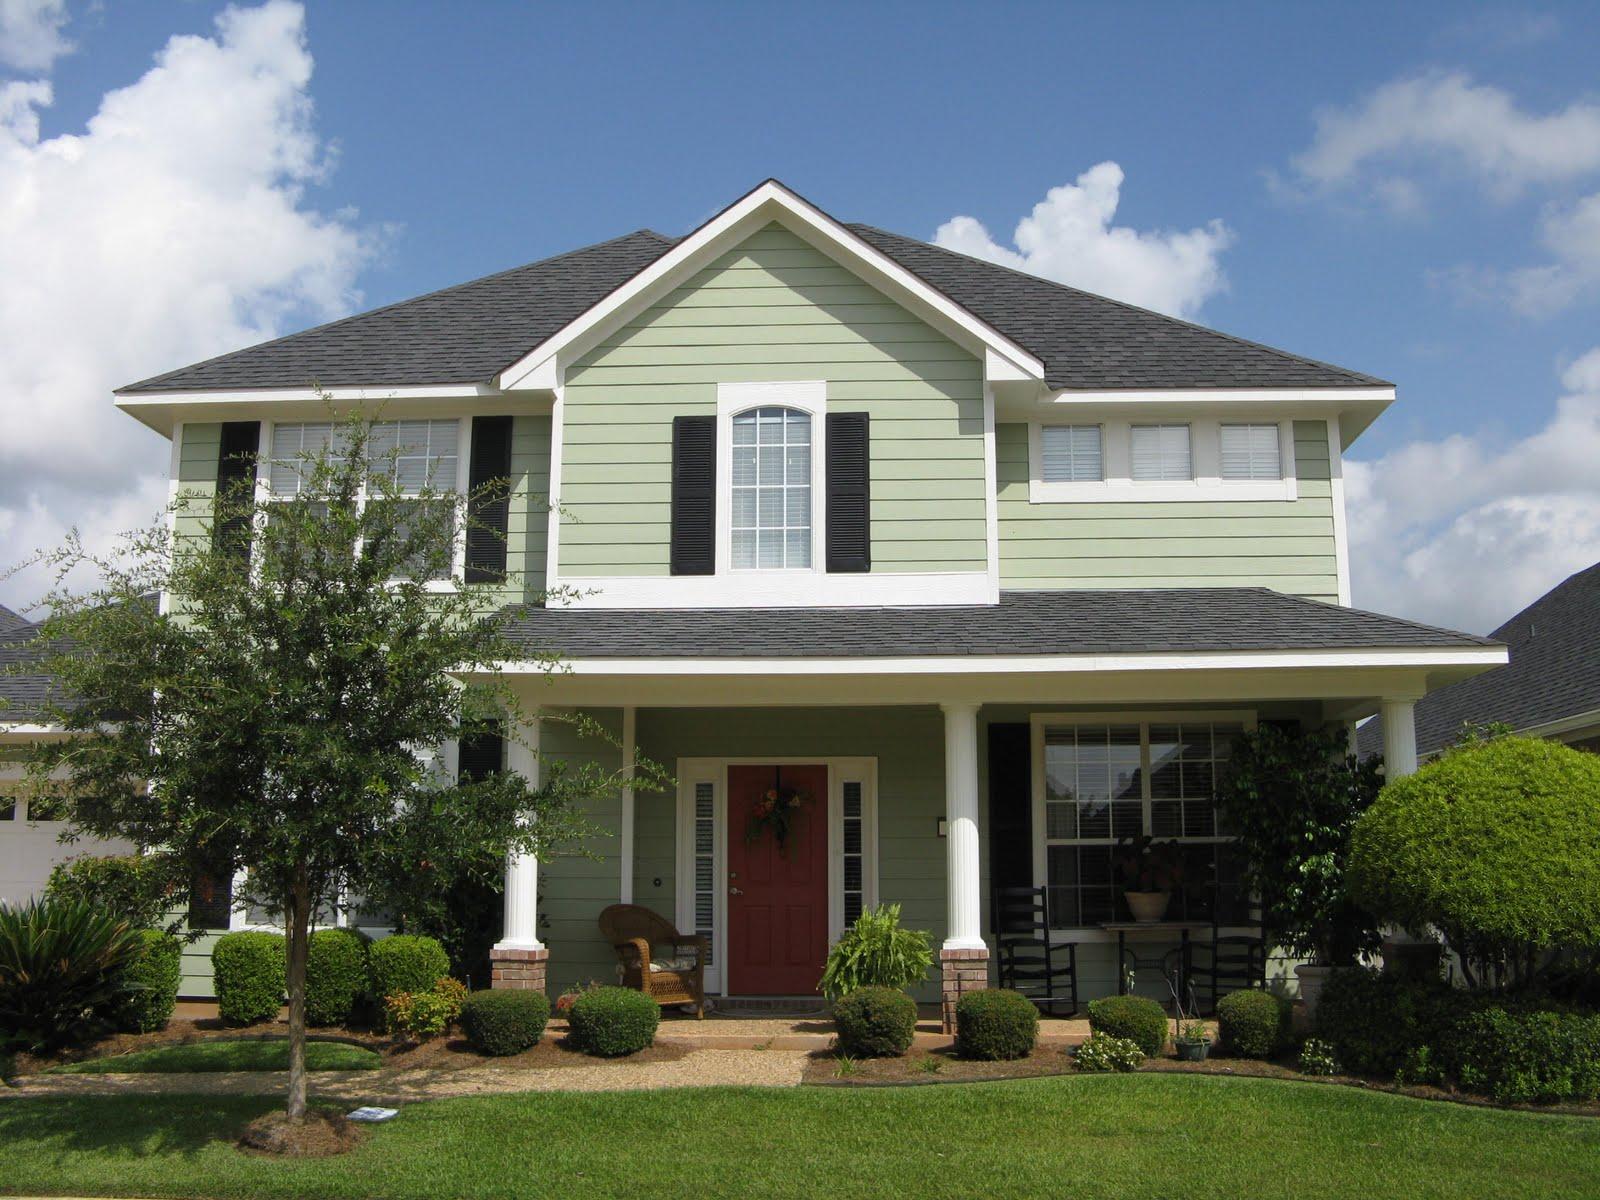 Wondrous 17 Best Images About Exterior Paint Colors On Pinterest Largest Home Design Picture Inspirations Pitcheantrous